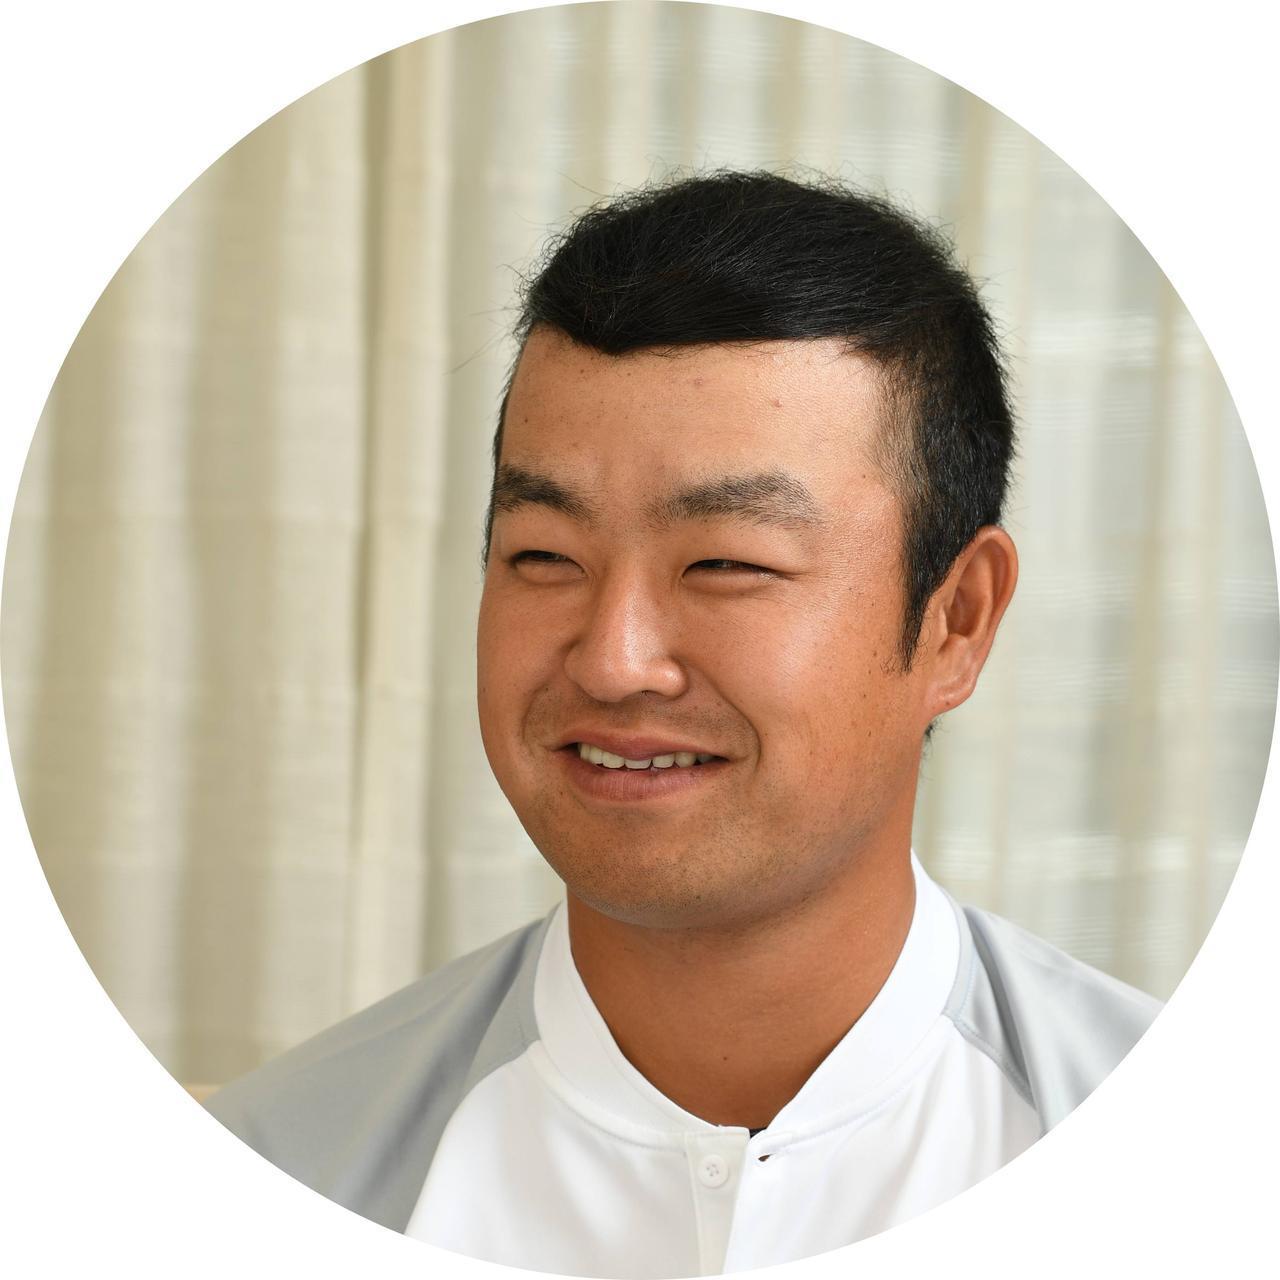 画像: 時松隆光 1993年生まれ、福岡県出身。5歳からゴルフを始め、桜美式を学ぶ。国内ツアー3勝。筑紫ヶ丘GC所属